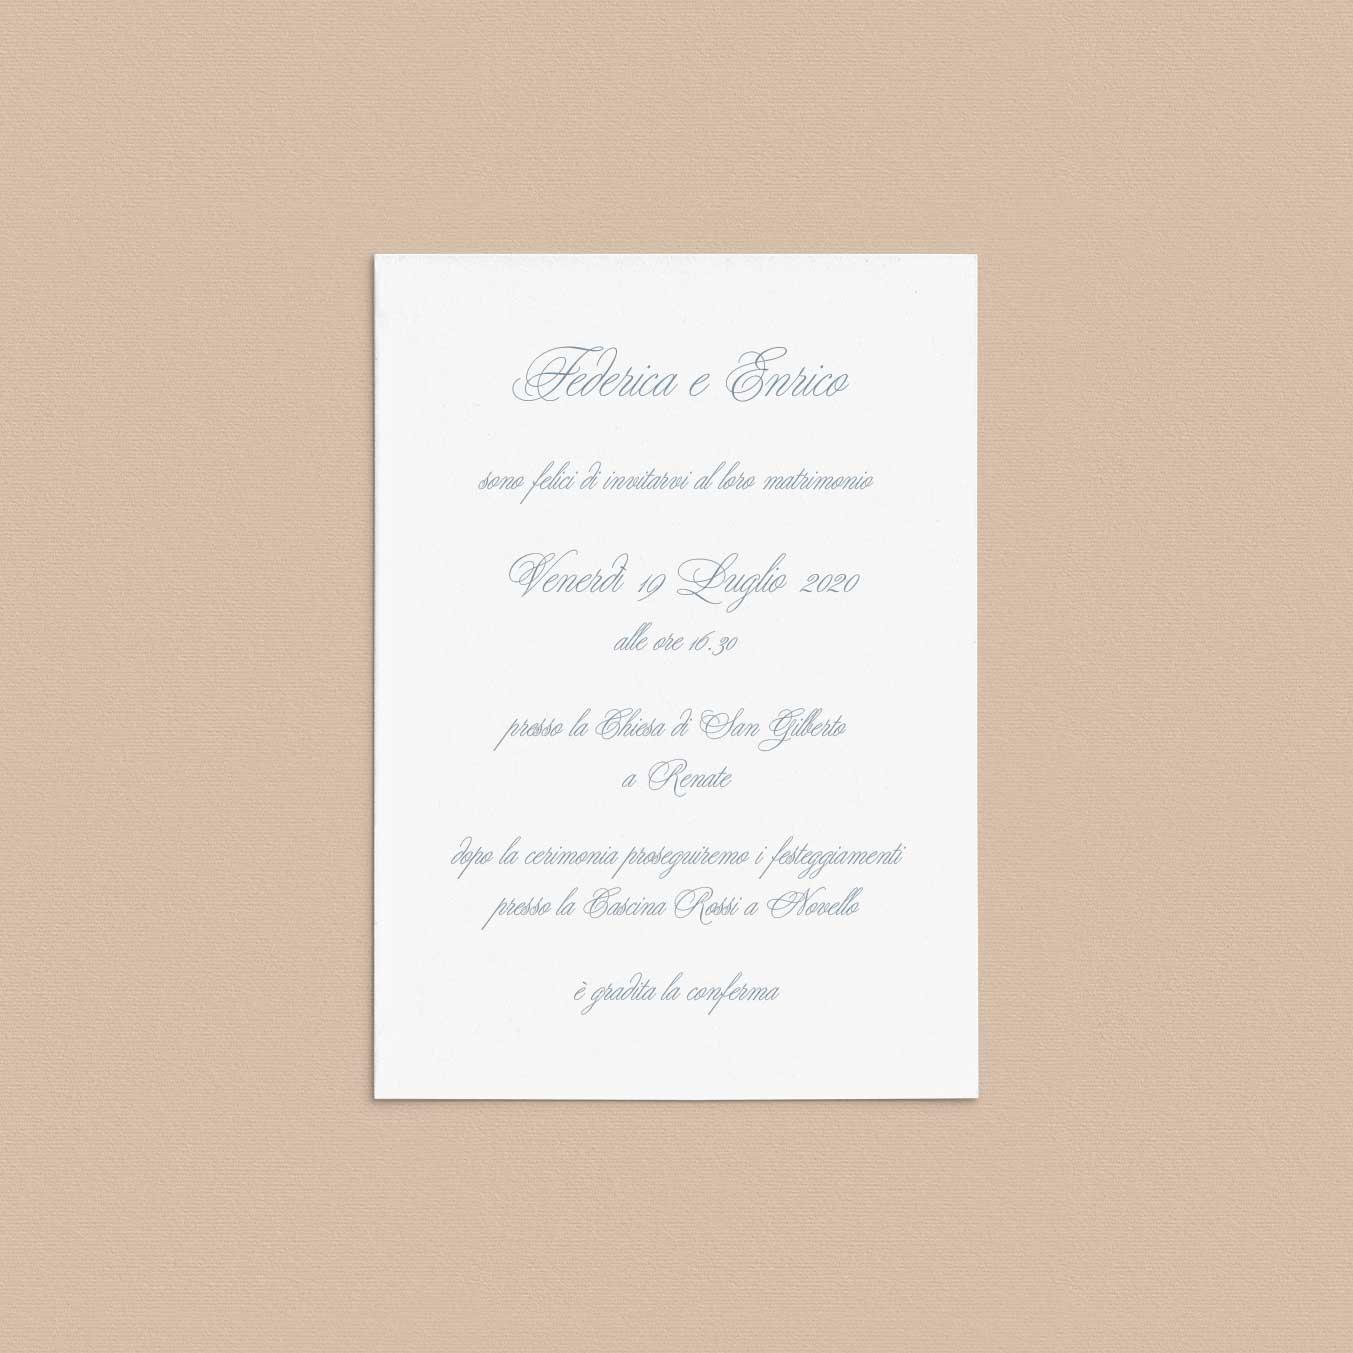 Inviti-di-matrimonio-partecipazioni-di-nozze-classici-classiche-calligrafia-calligrafiche-corsivo-elegante-semplici-idee-impaginazione